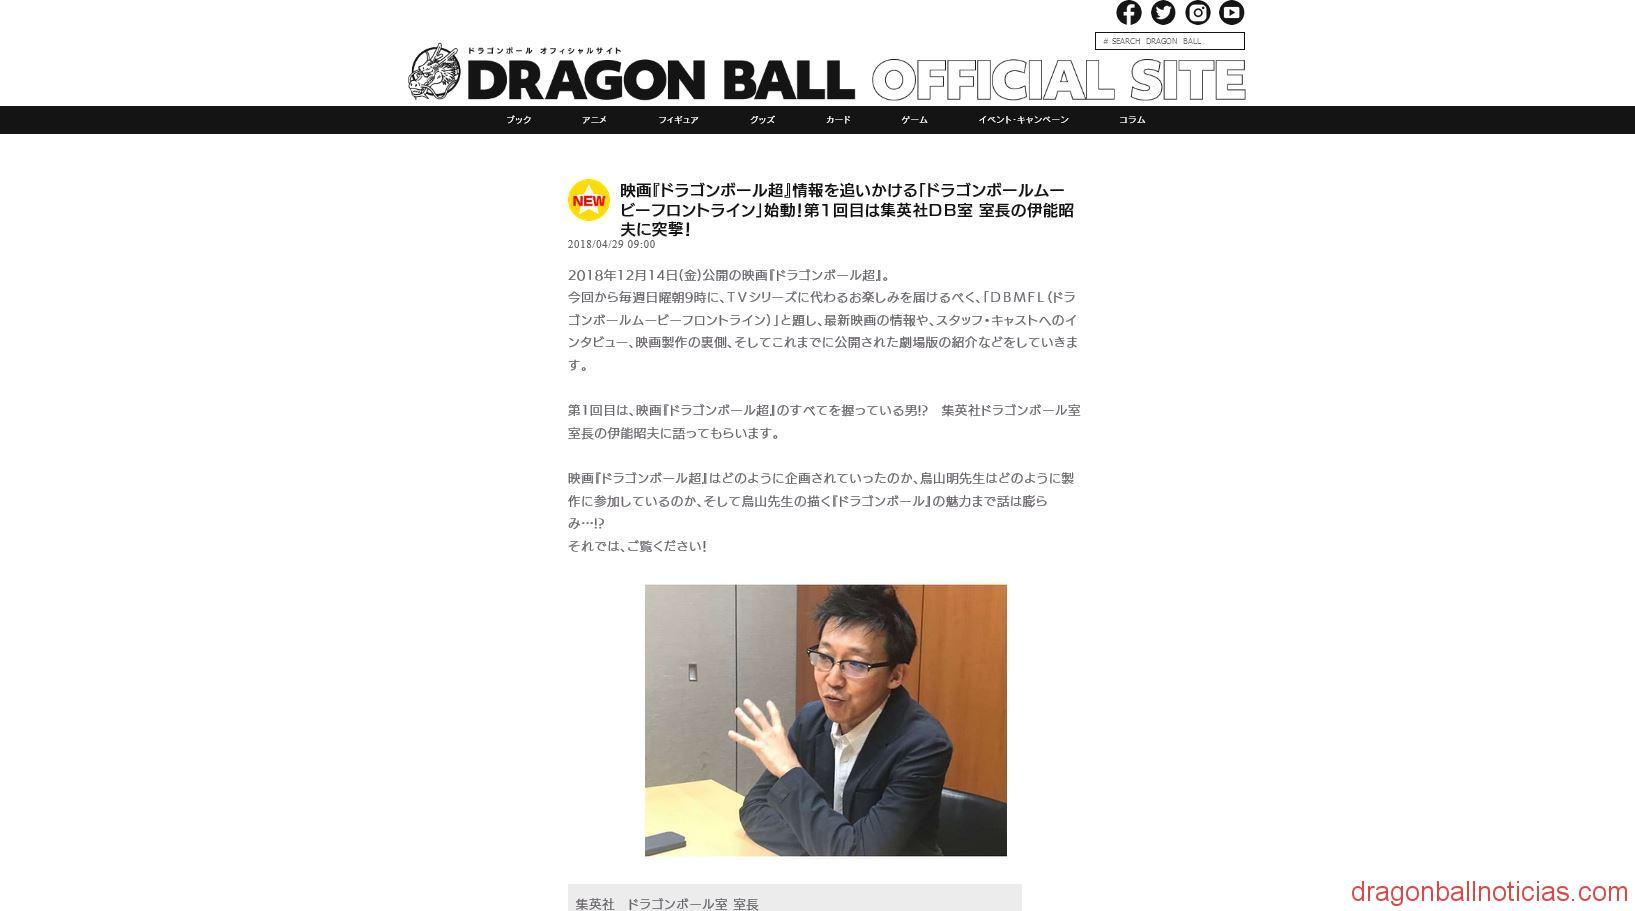 película de Dragon Ball Super 2018